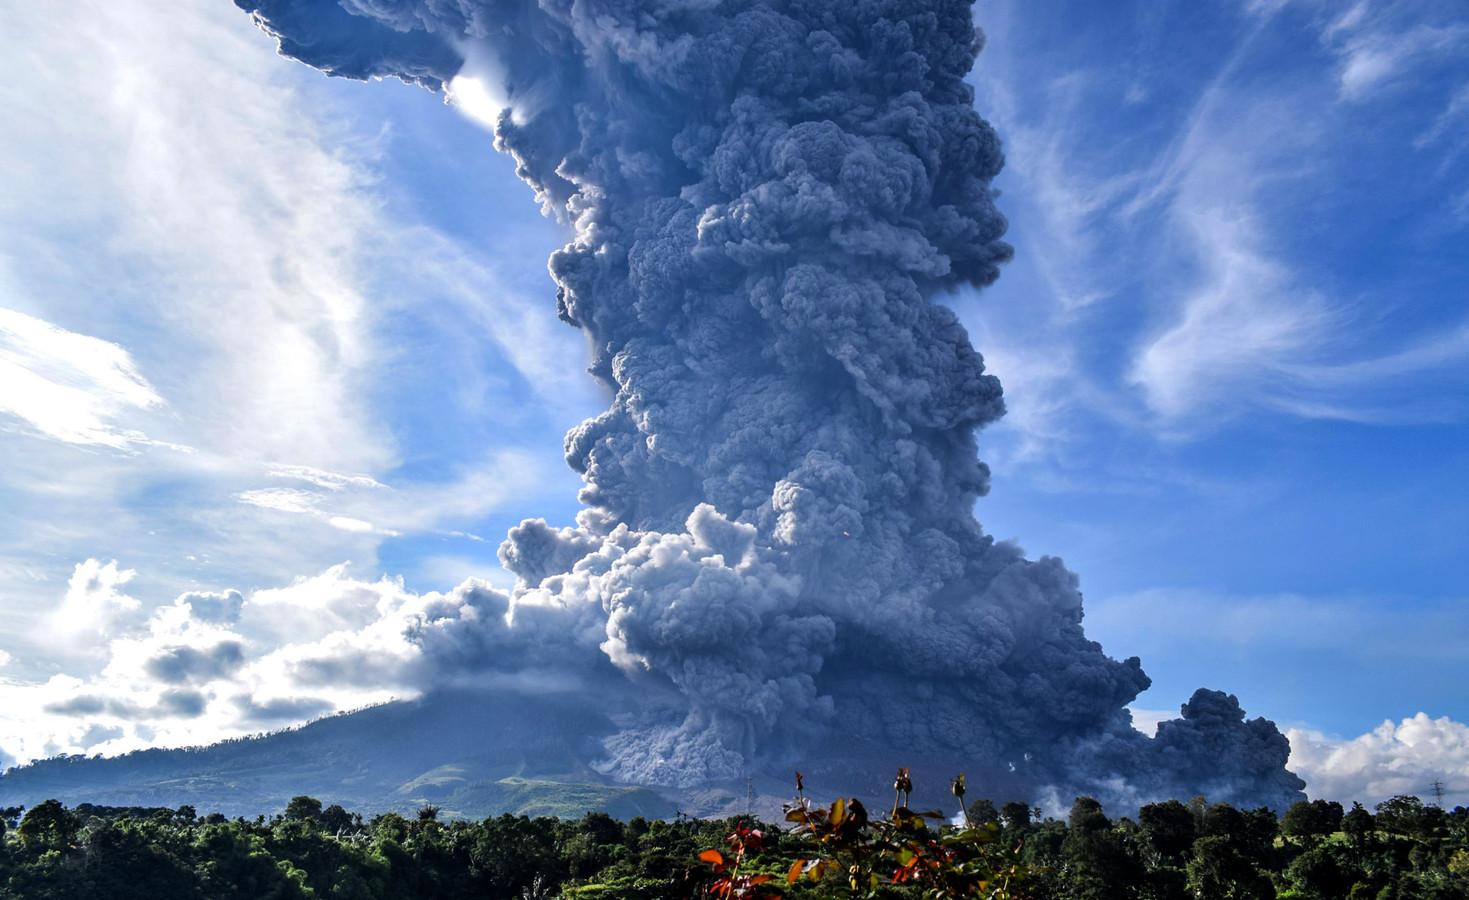 De vulkaan Sinabung op het Indonesische eiland spuwt een enorme aswolk uit na een uitbarsting eerder vandaag.